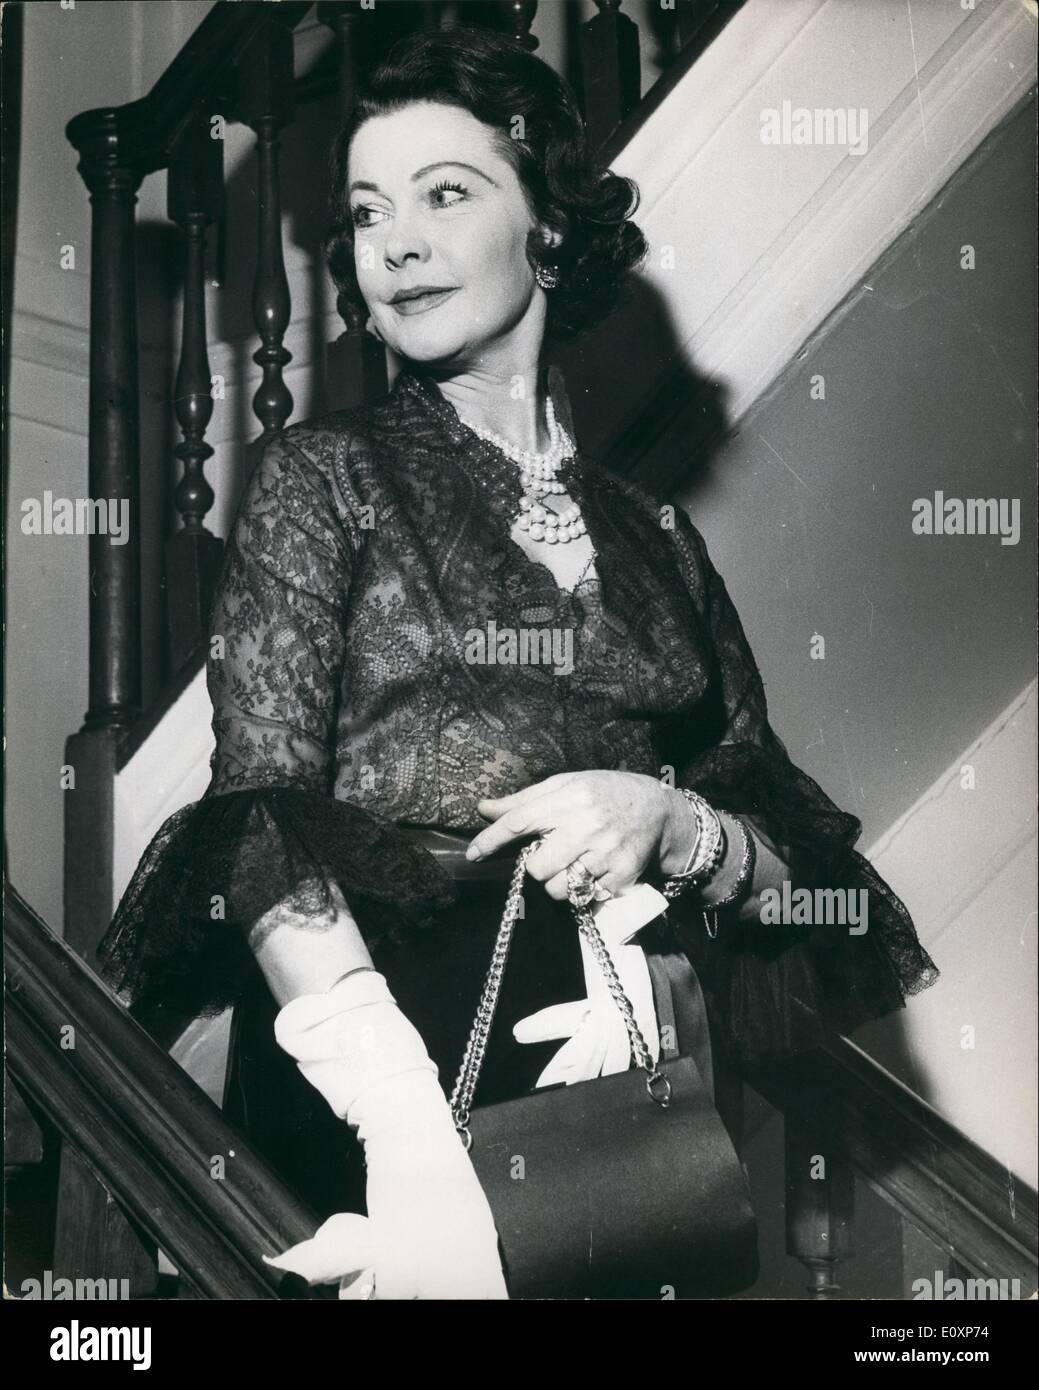 Jul. 07, 1967 - Vivien Leigh Dies: Vivien Leigh one of ...